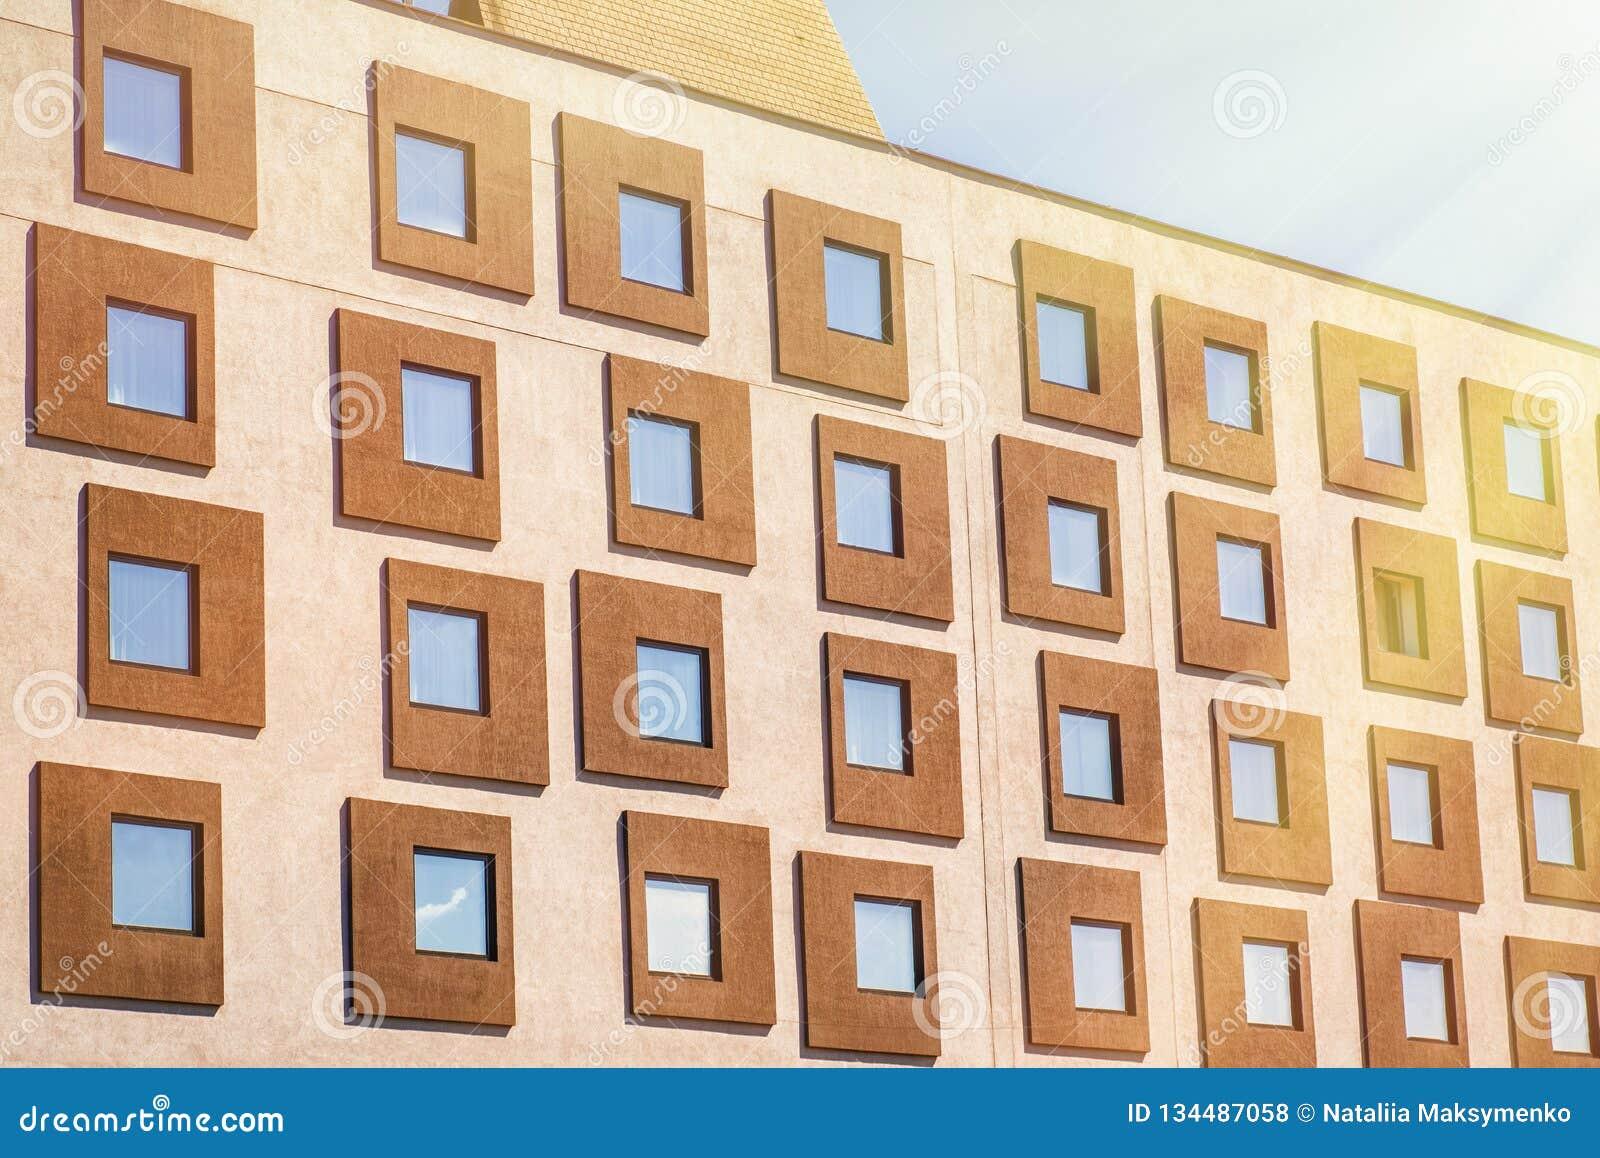 Cierre encima de la torre constructiva de cristal fachada moderna, fondo abstracto, textura ventana financiera de la oficina y de